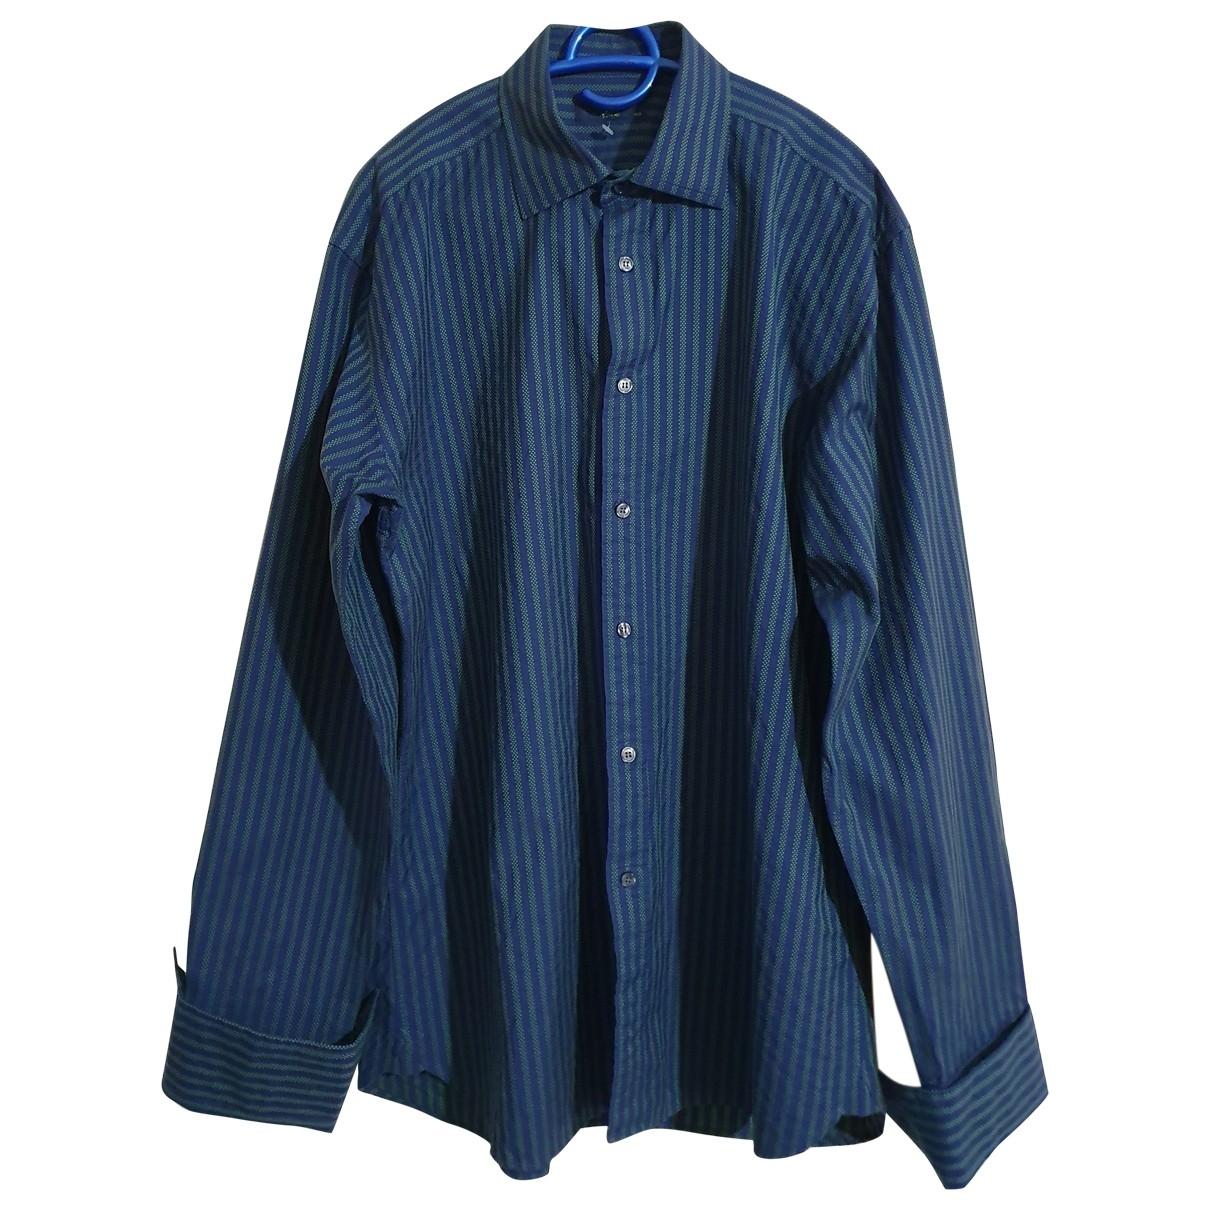 Ted Baker \N Multicolour Cotton Shirts for Men 16.5 UK - US (tour de cou / collar)